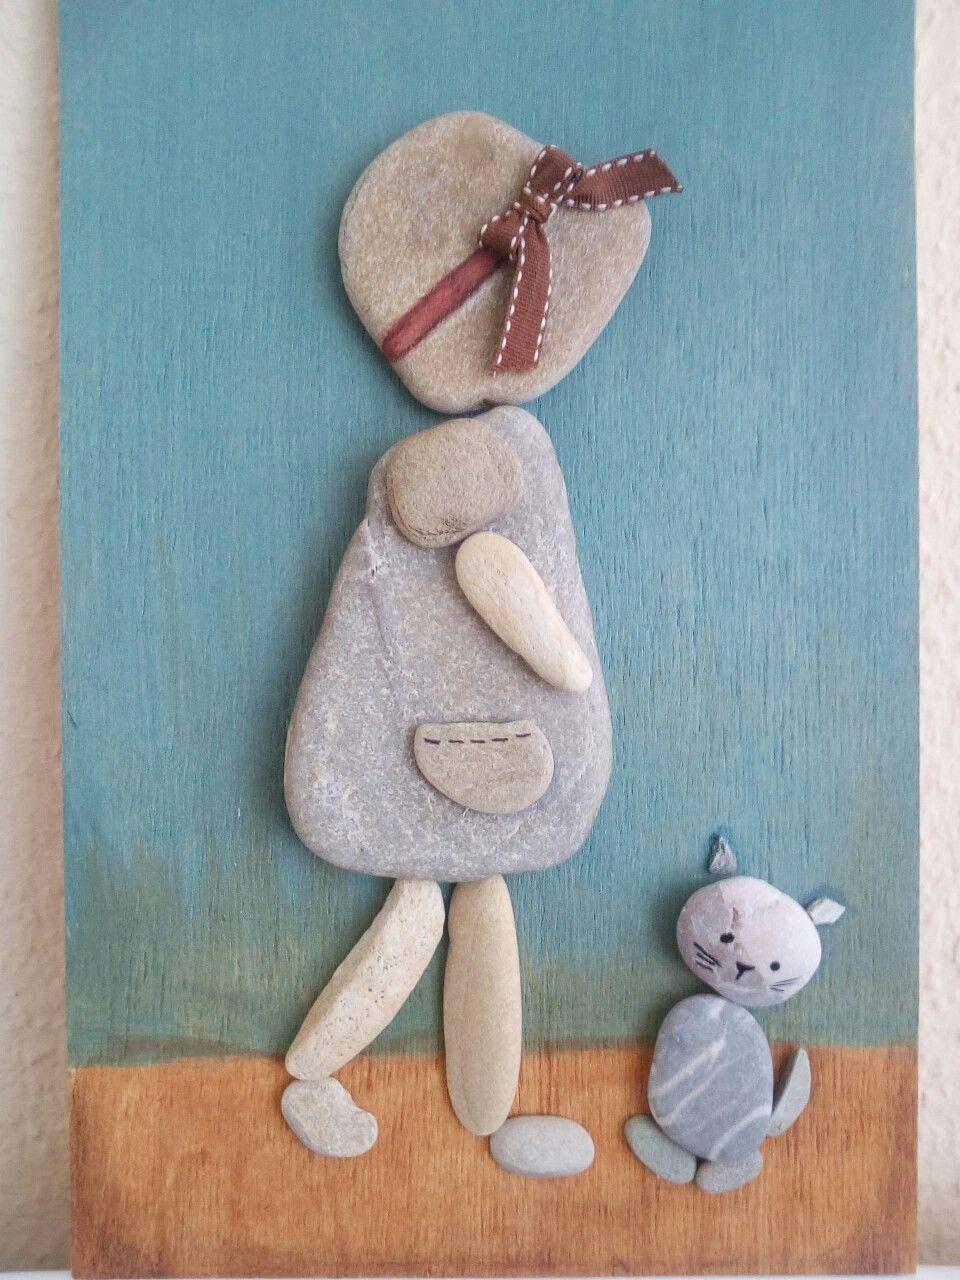 stone pebble stoneart pebbleart #steinbilderselbermachen stone pebble stoneart pebbleart #kieselsteinebilder